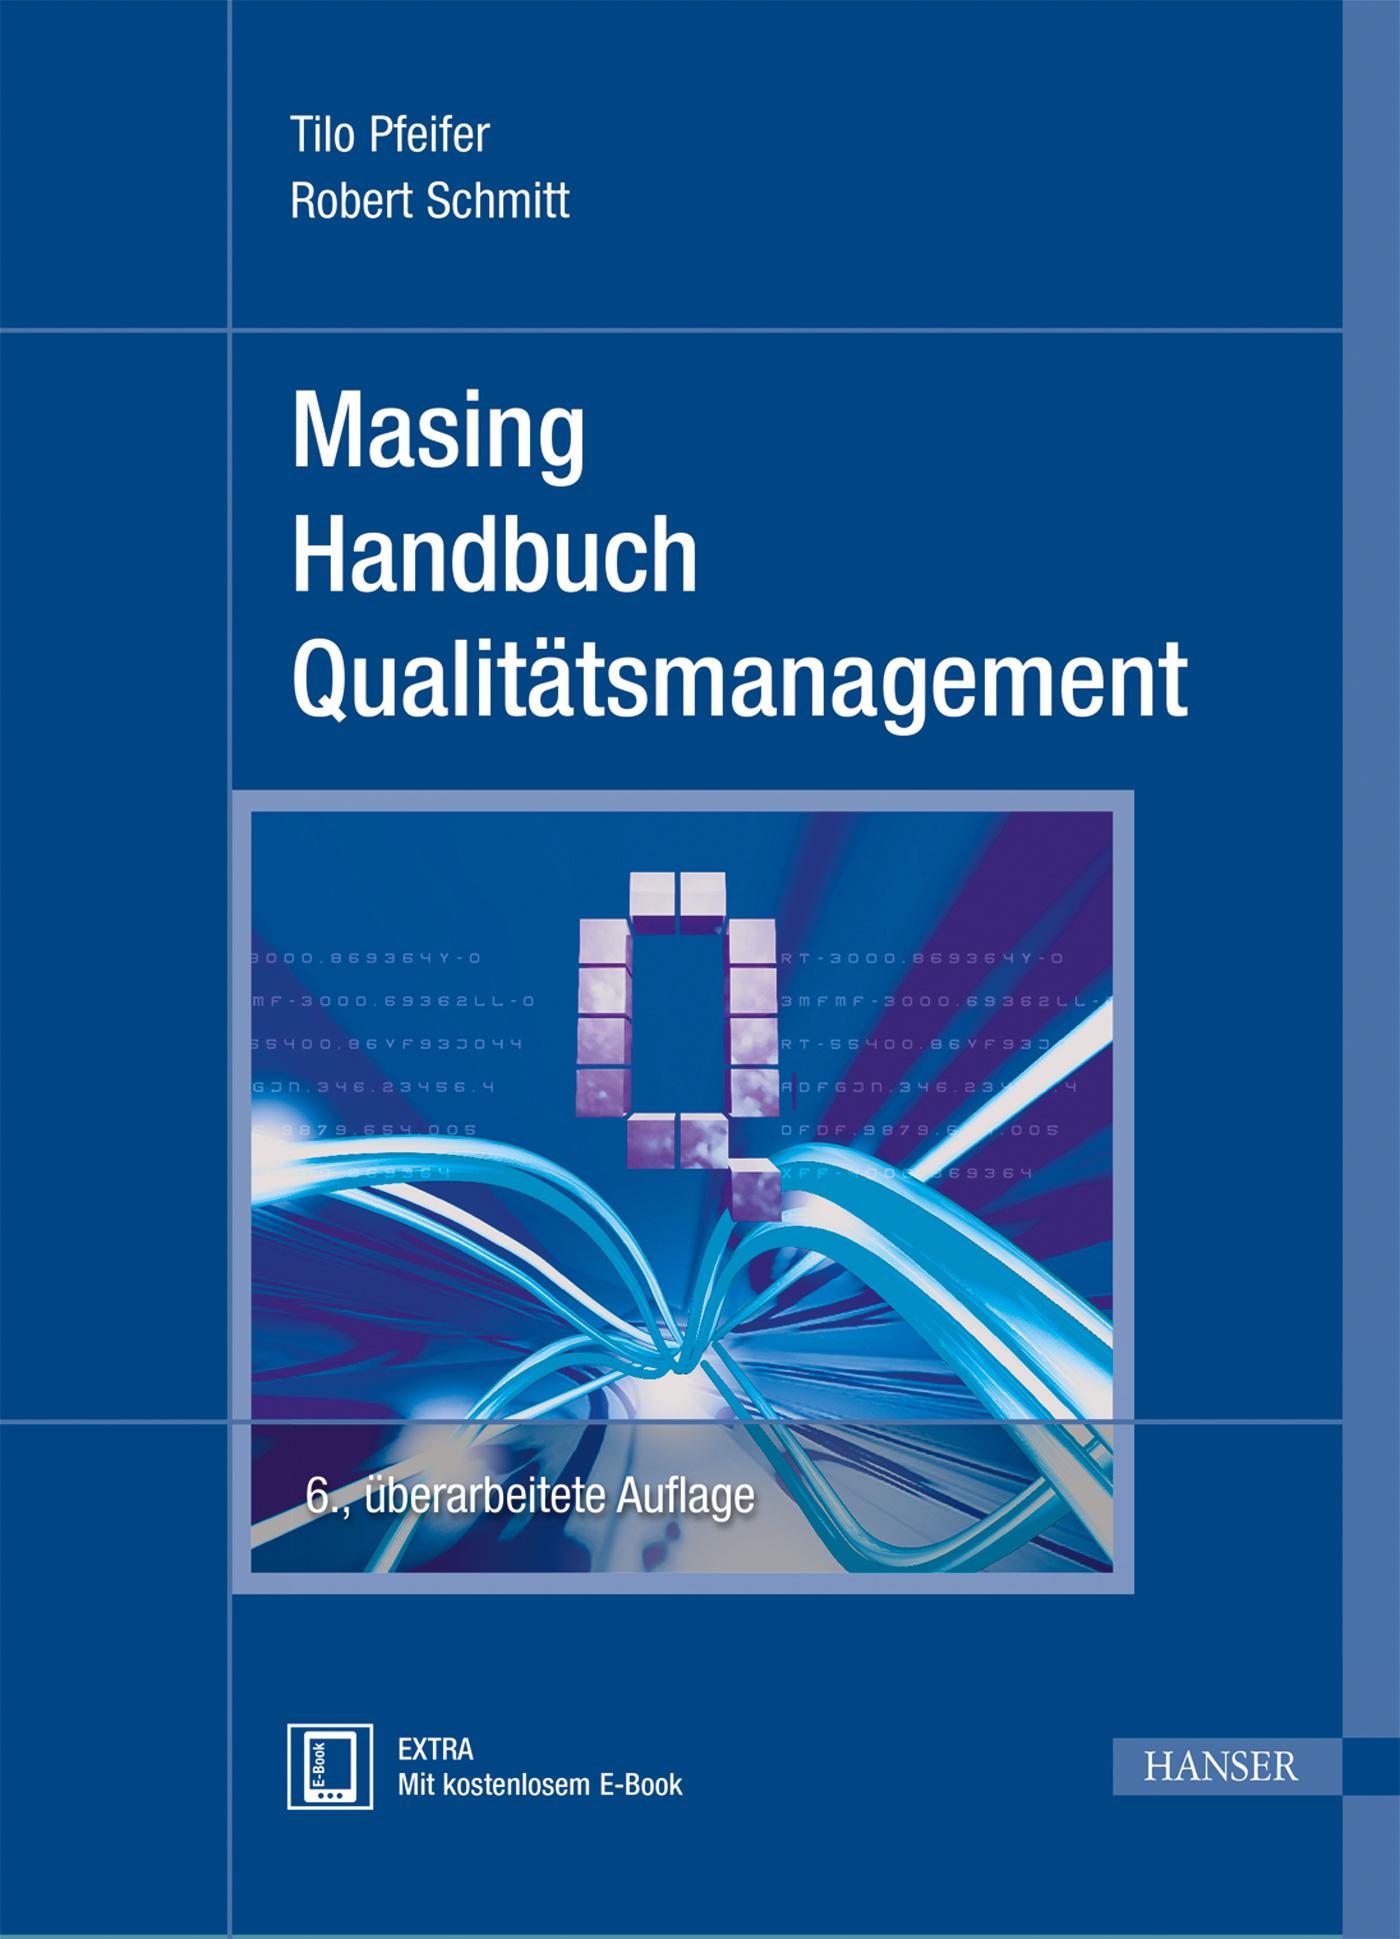 Masing Handbuch Qualitätsmanagement, 978-3-446-43431-8